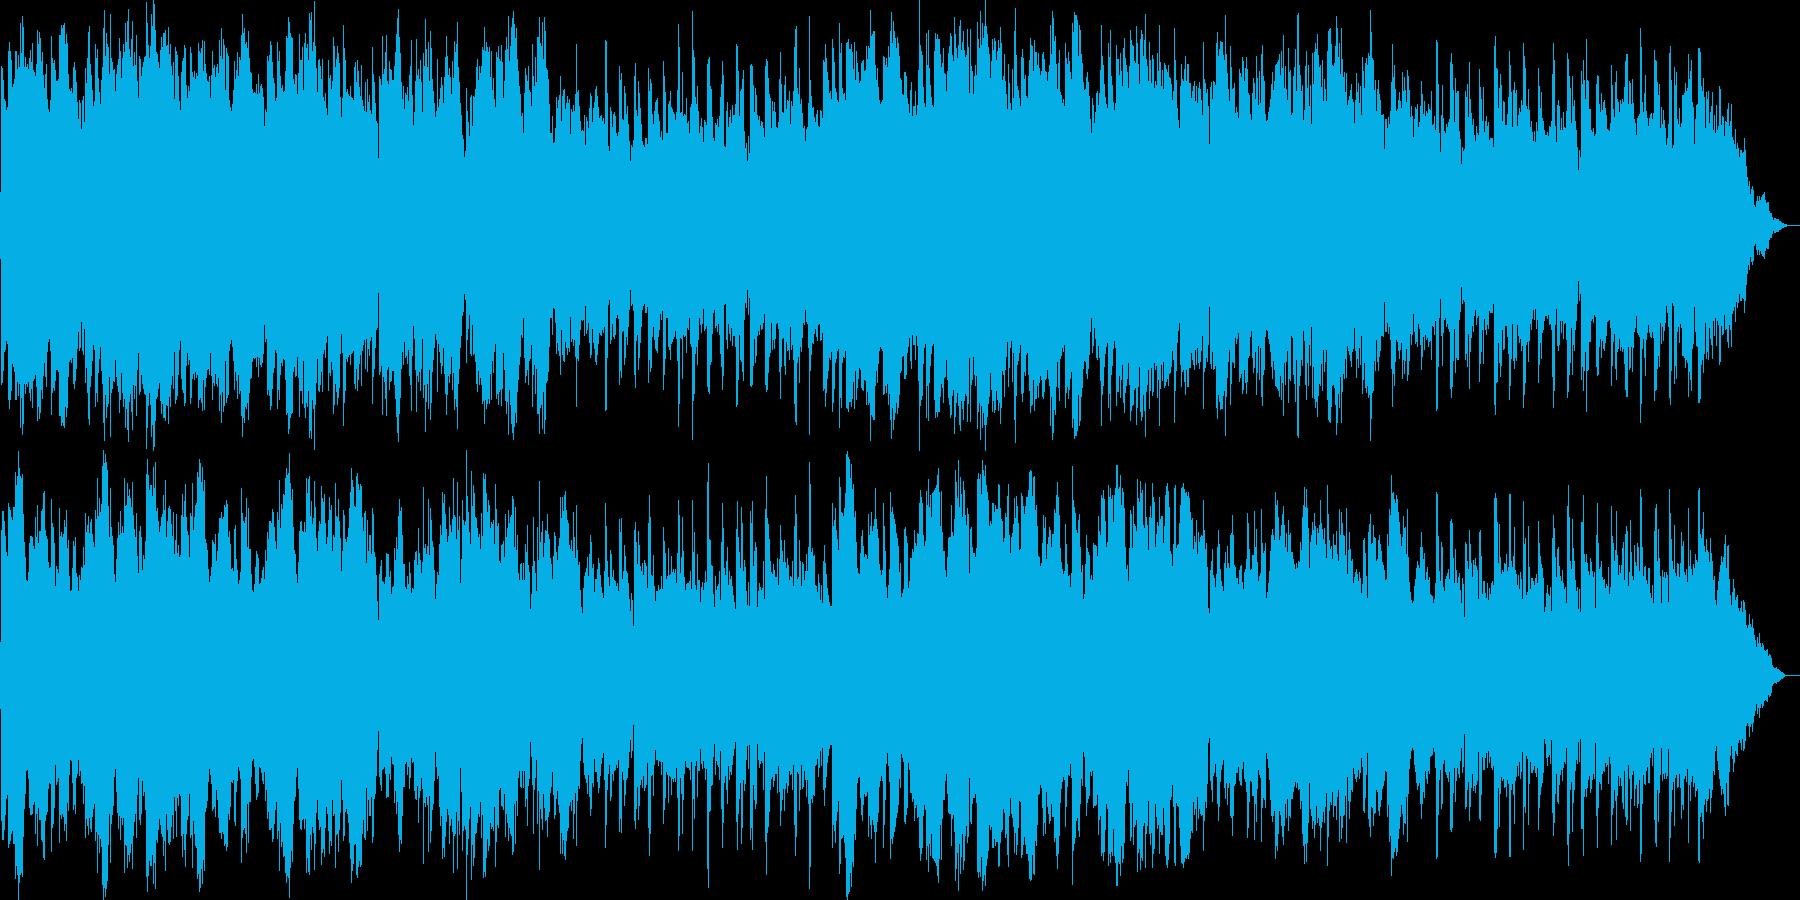 柔らかく幻想的なイージーリスニングの再生済みの波形